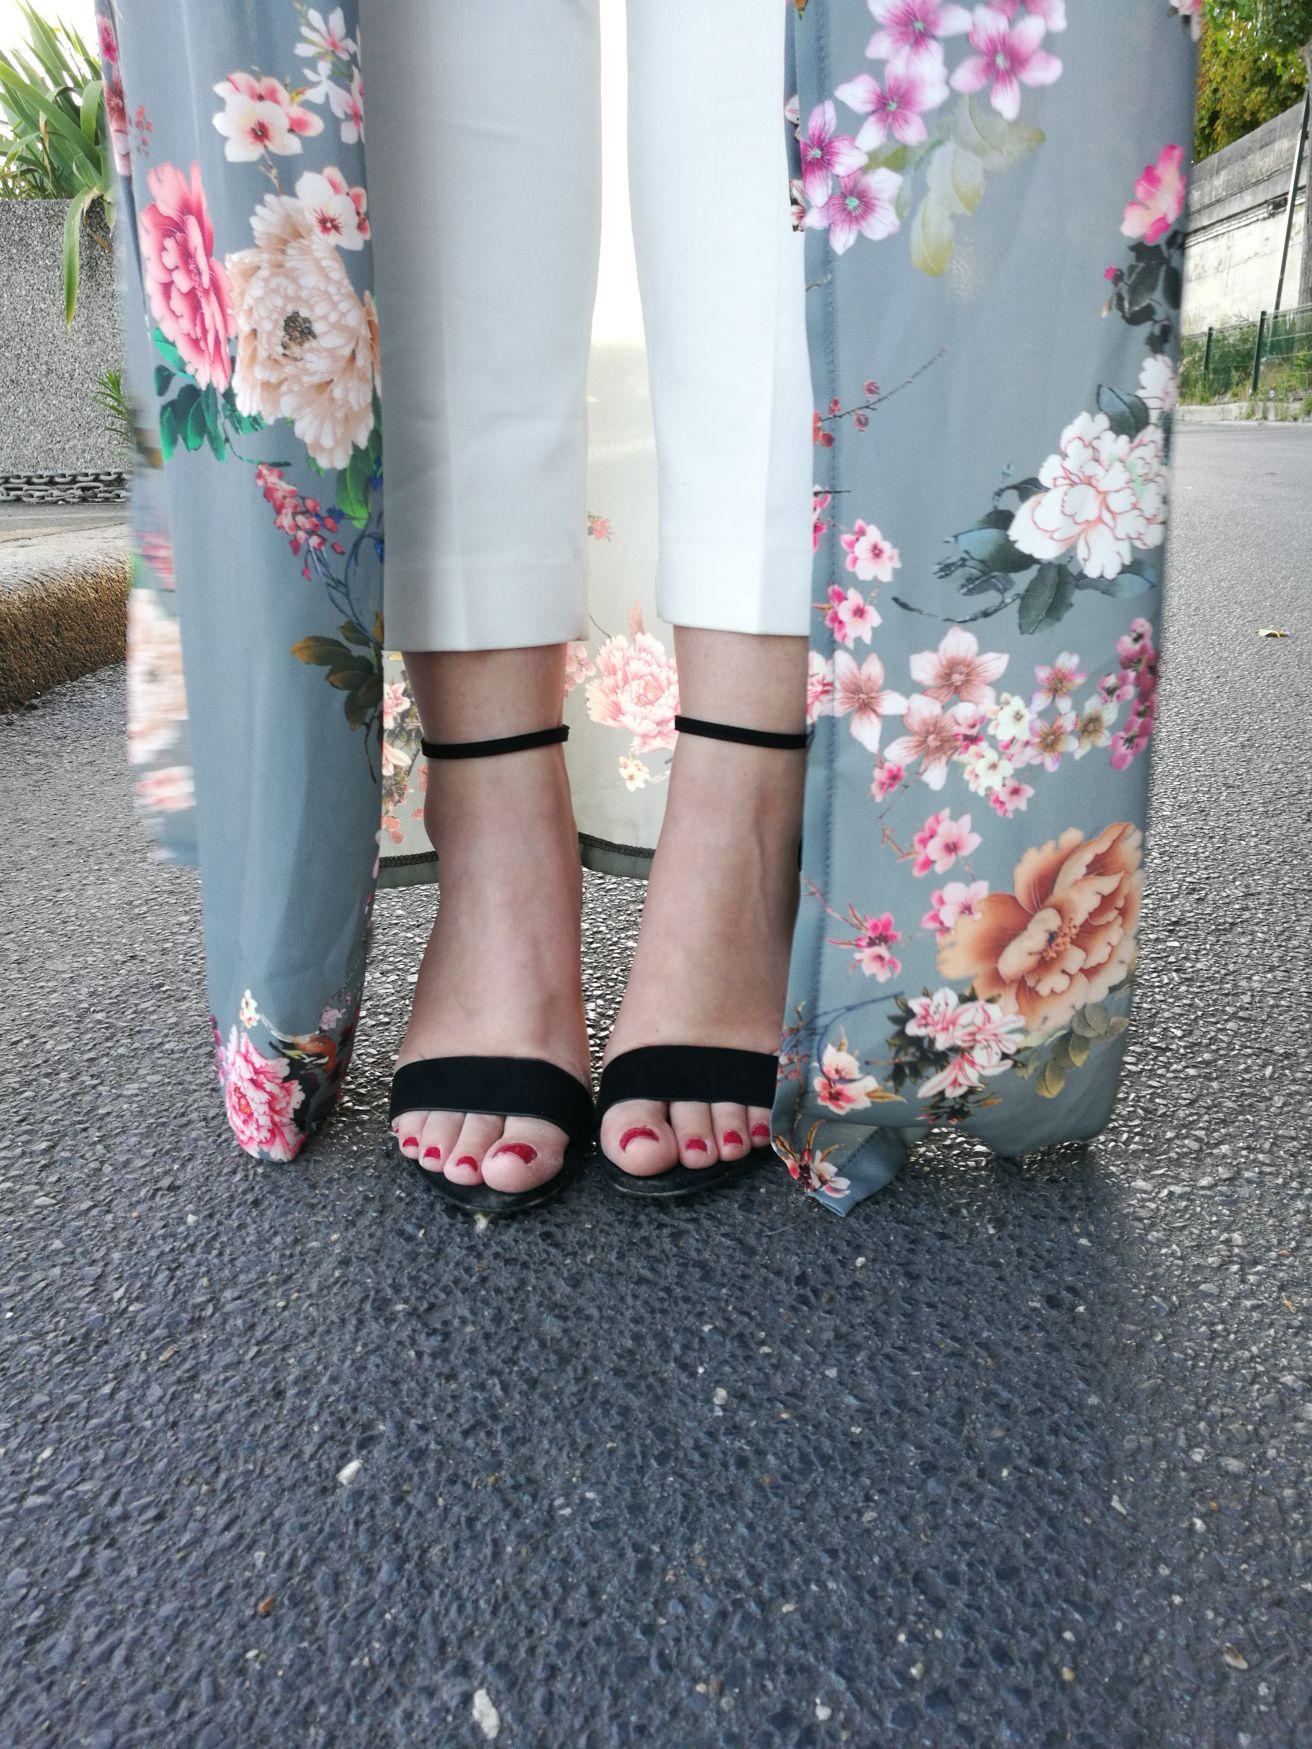 Invitada perfecta, invitada, invitadas, invitada boda, kimono, pantalones de pinzas, París, vestido camisero, vestido largo de flores, estampado, boda, bodas, invitada de día, invitadas perfectas